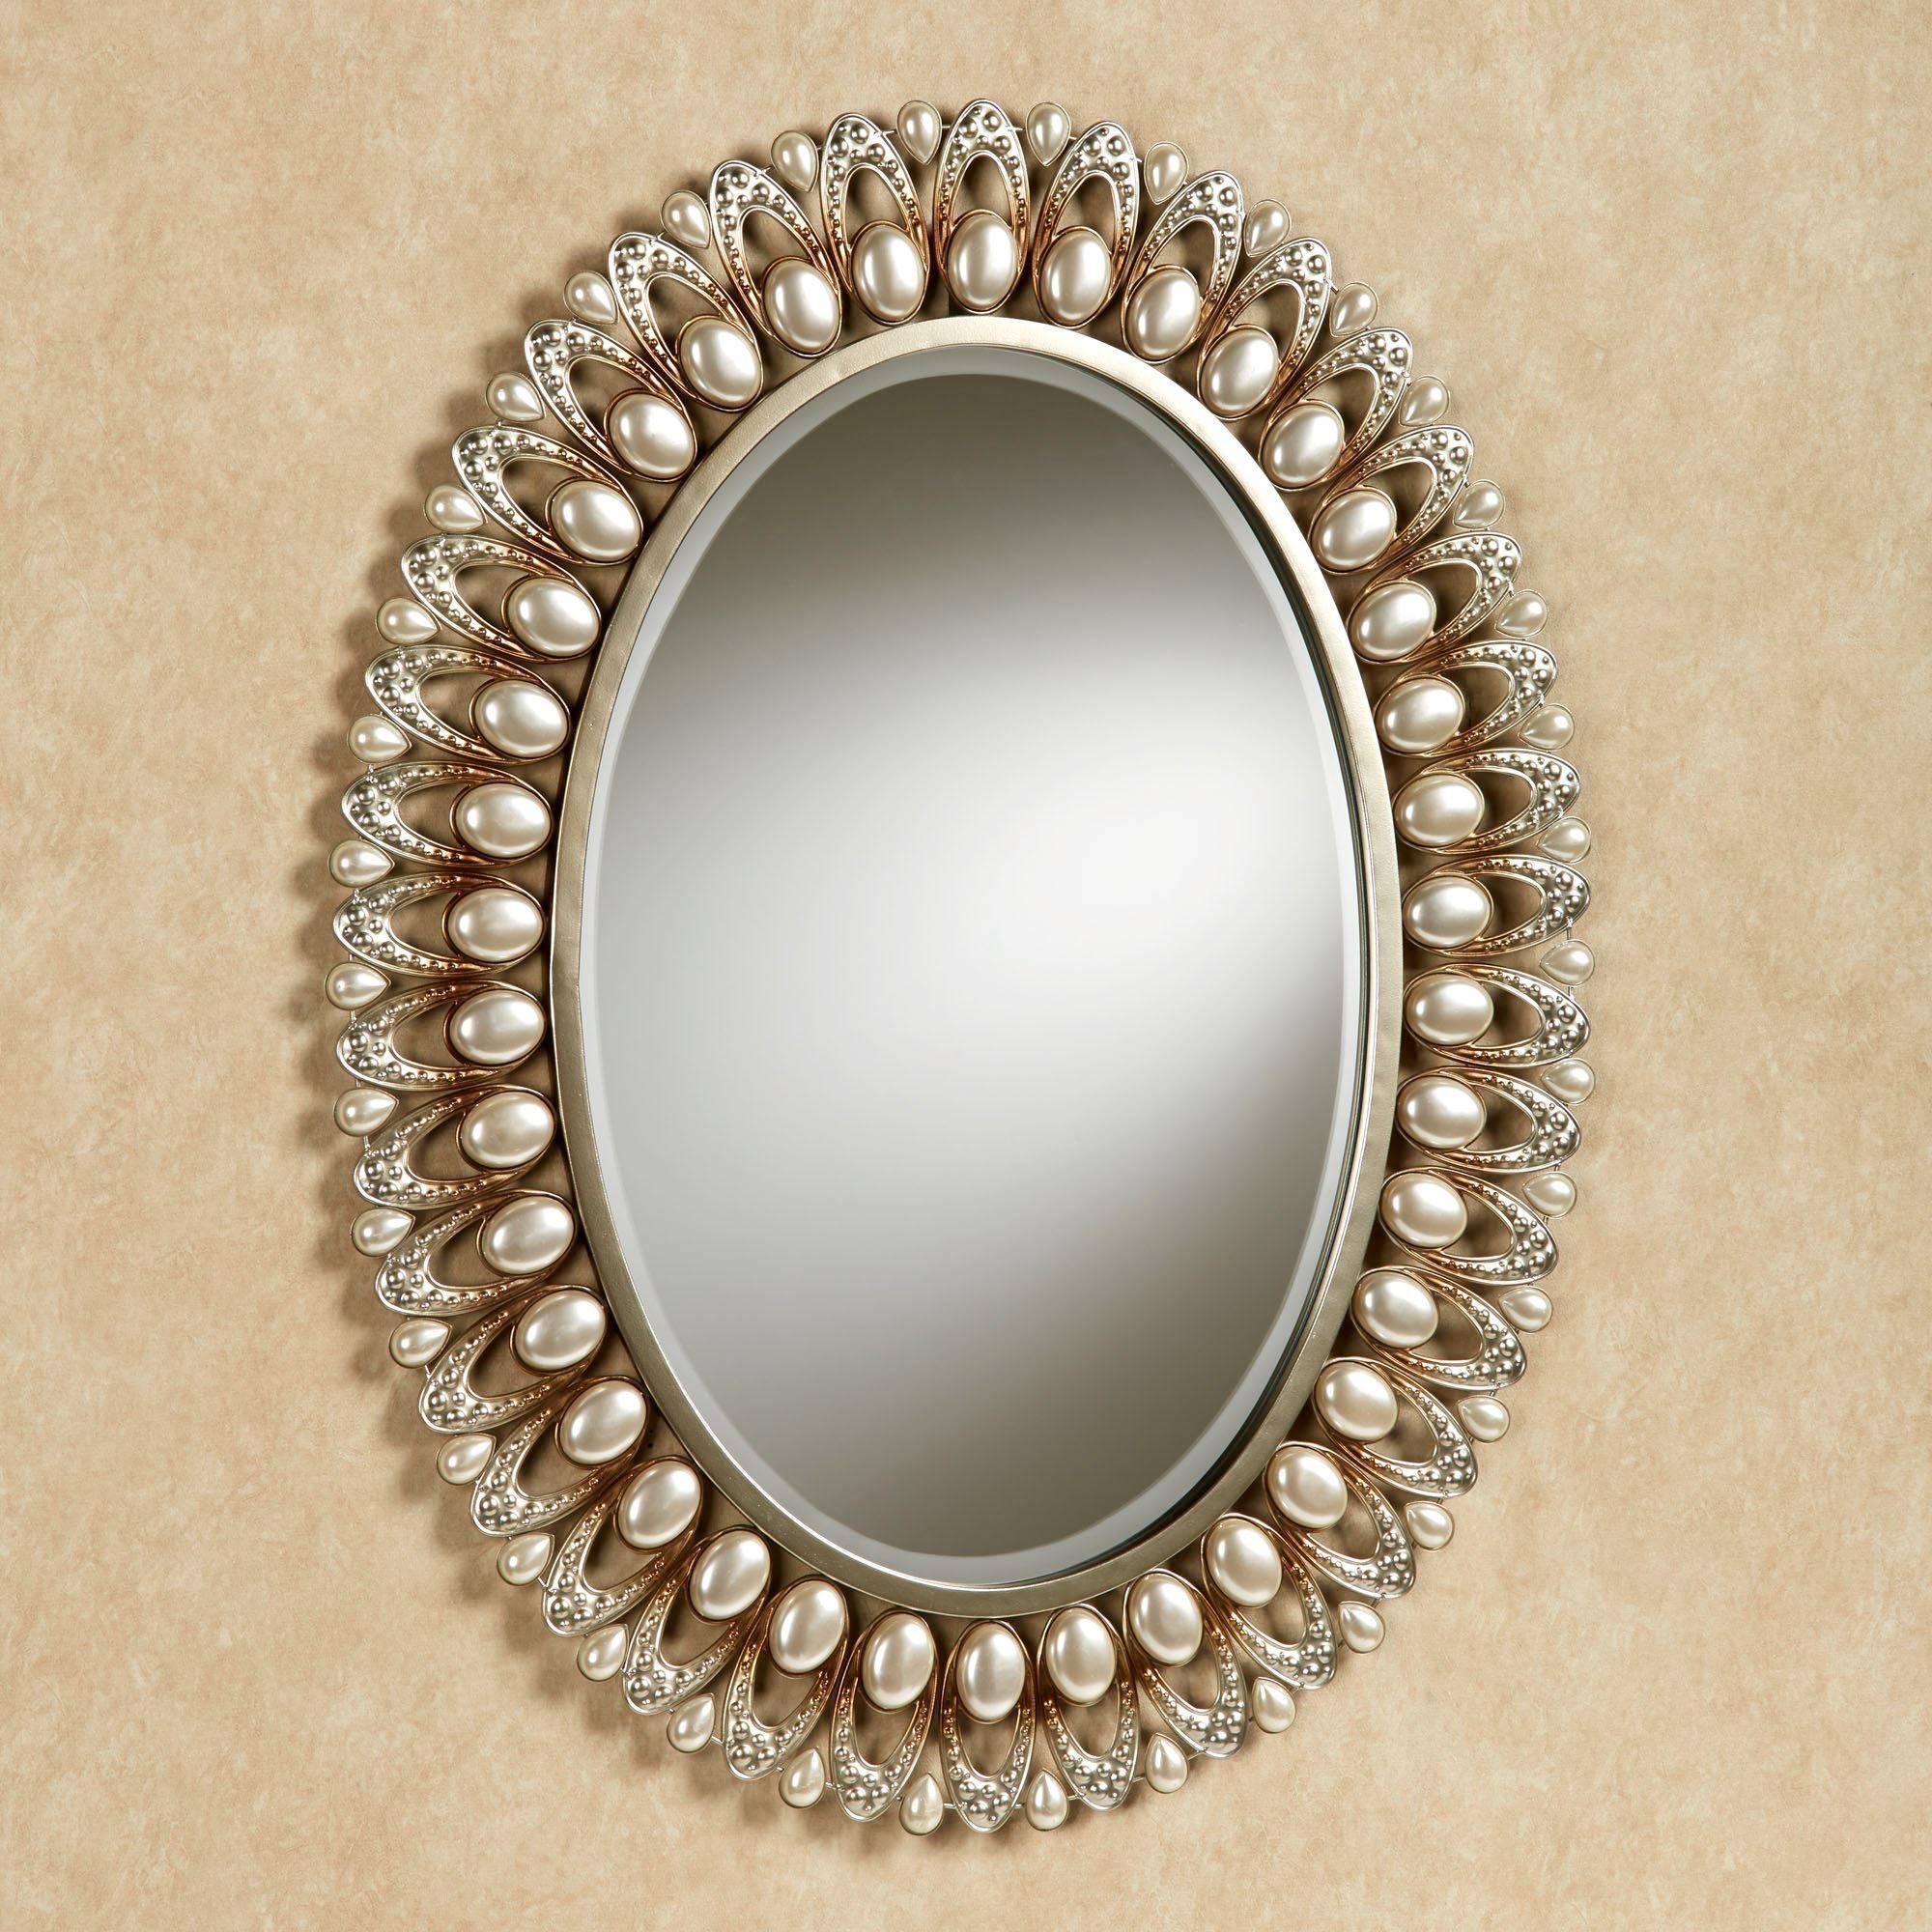 Julietta Pearl Oval Wall Mirror Inside Oval Wall Mirrors (View 15 of 25)